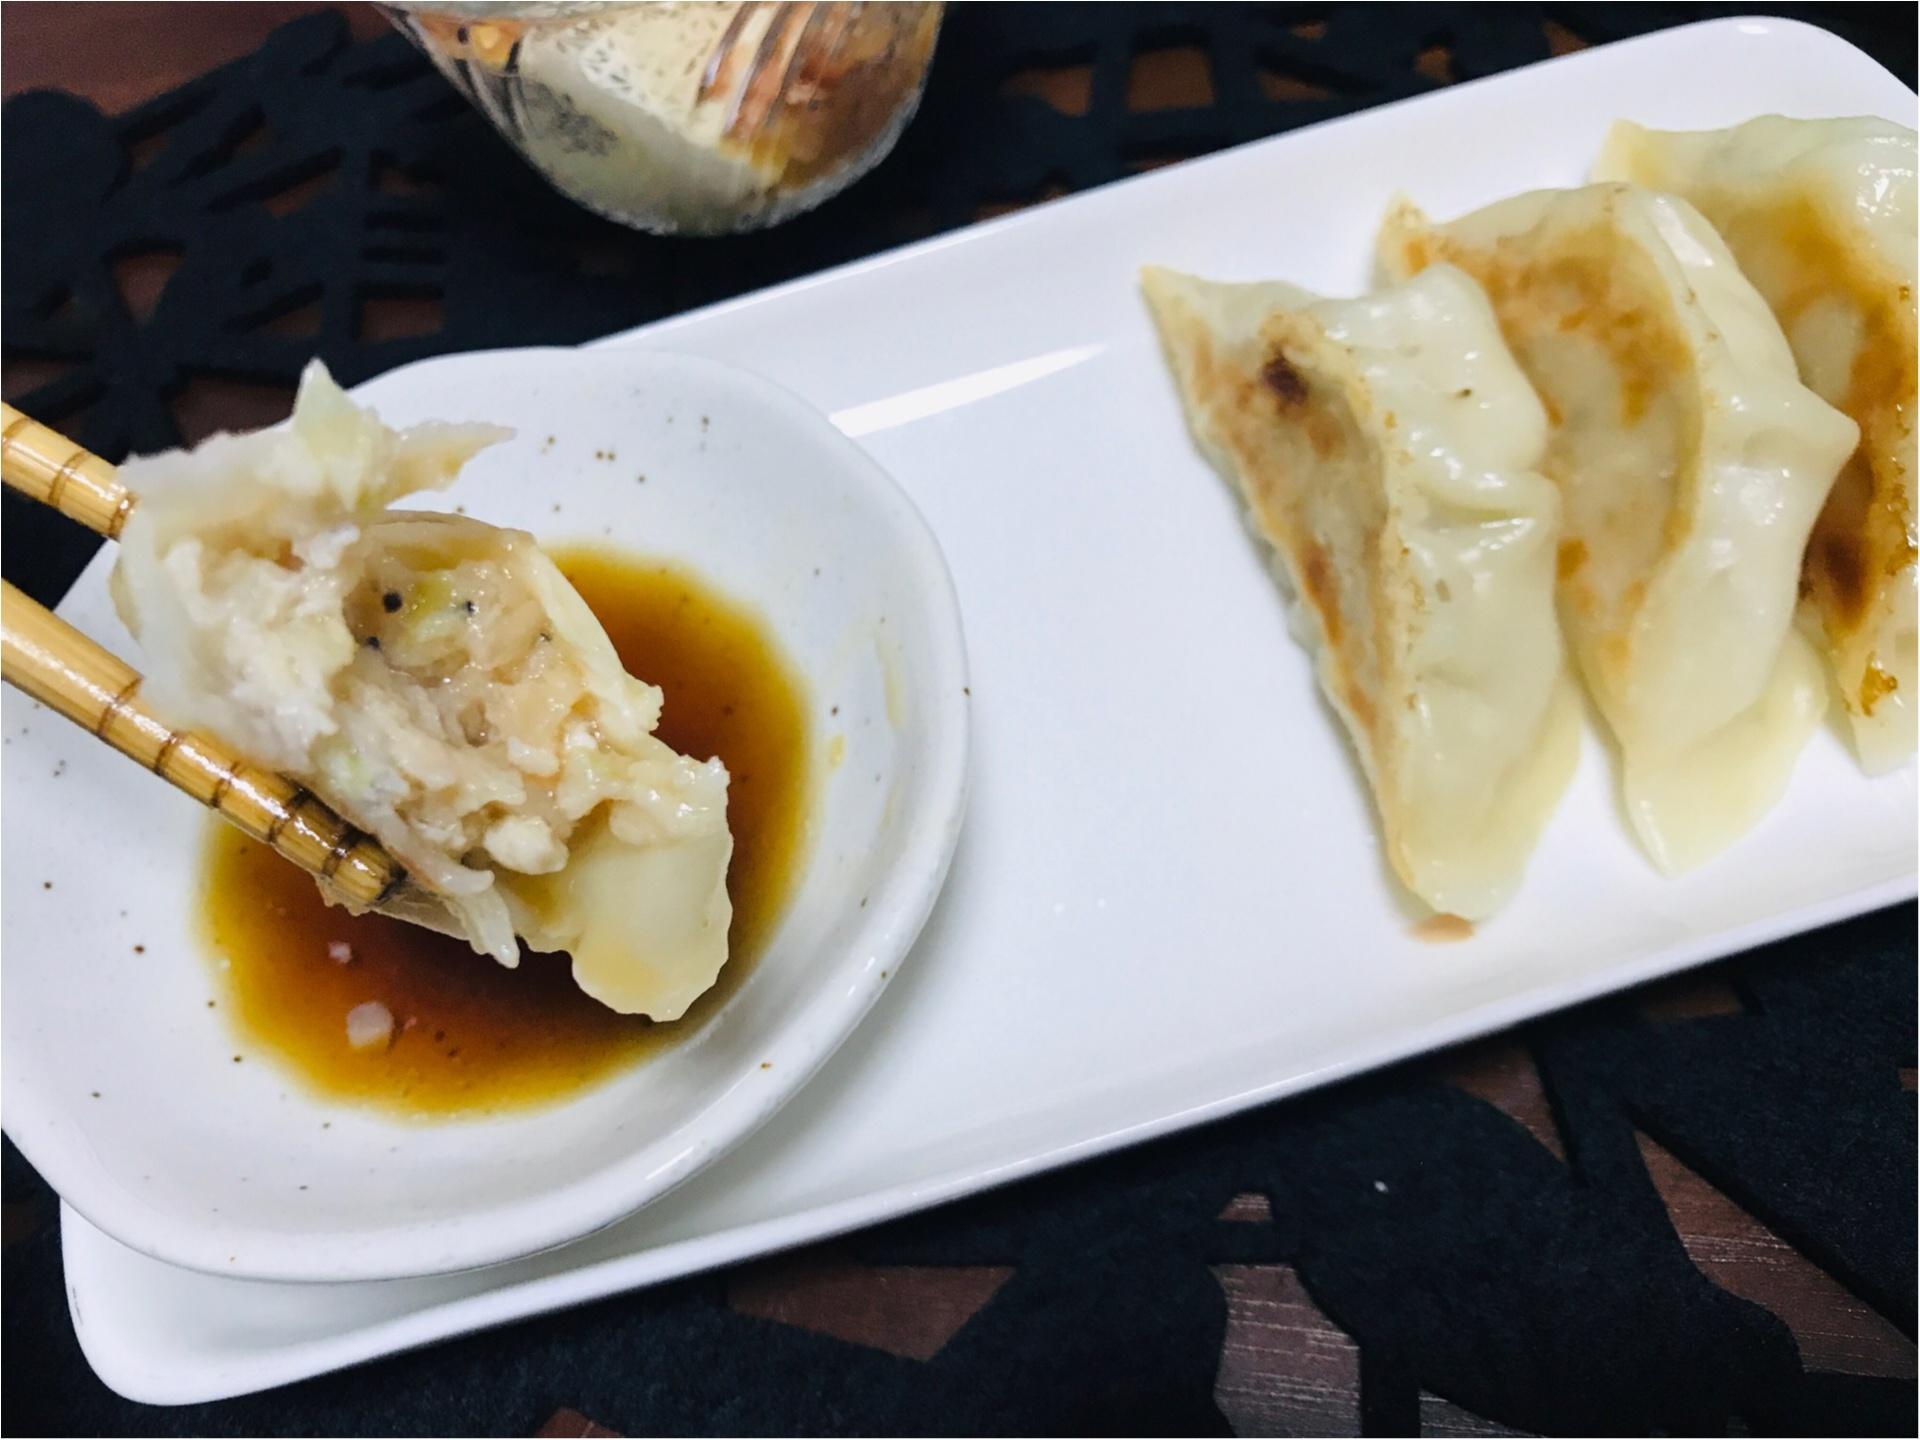 大人気料理ブロガー《みきママ》考案!肉汁がすごい【鶏ナンコツ塩餃子】を試食♡_5